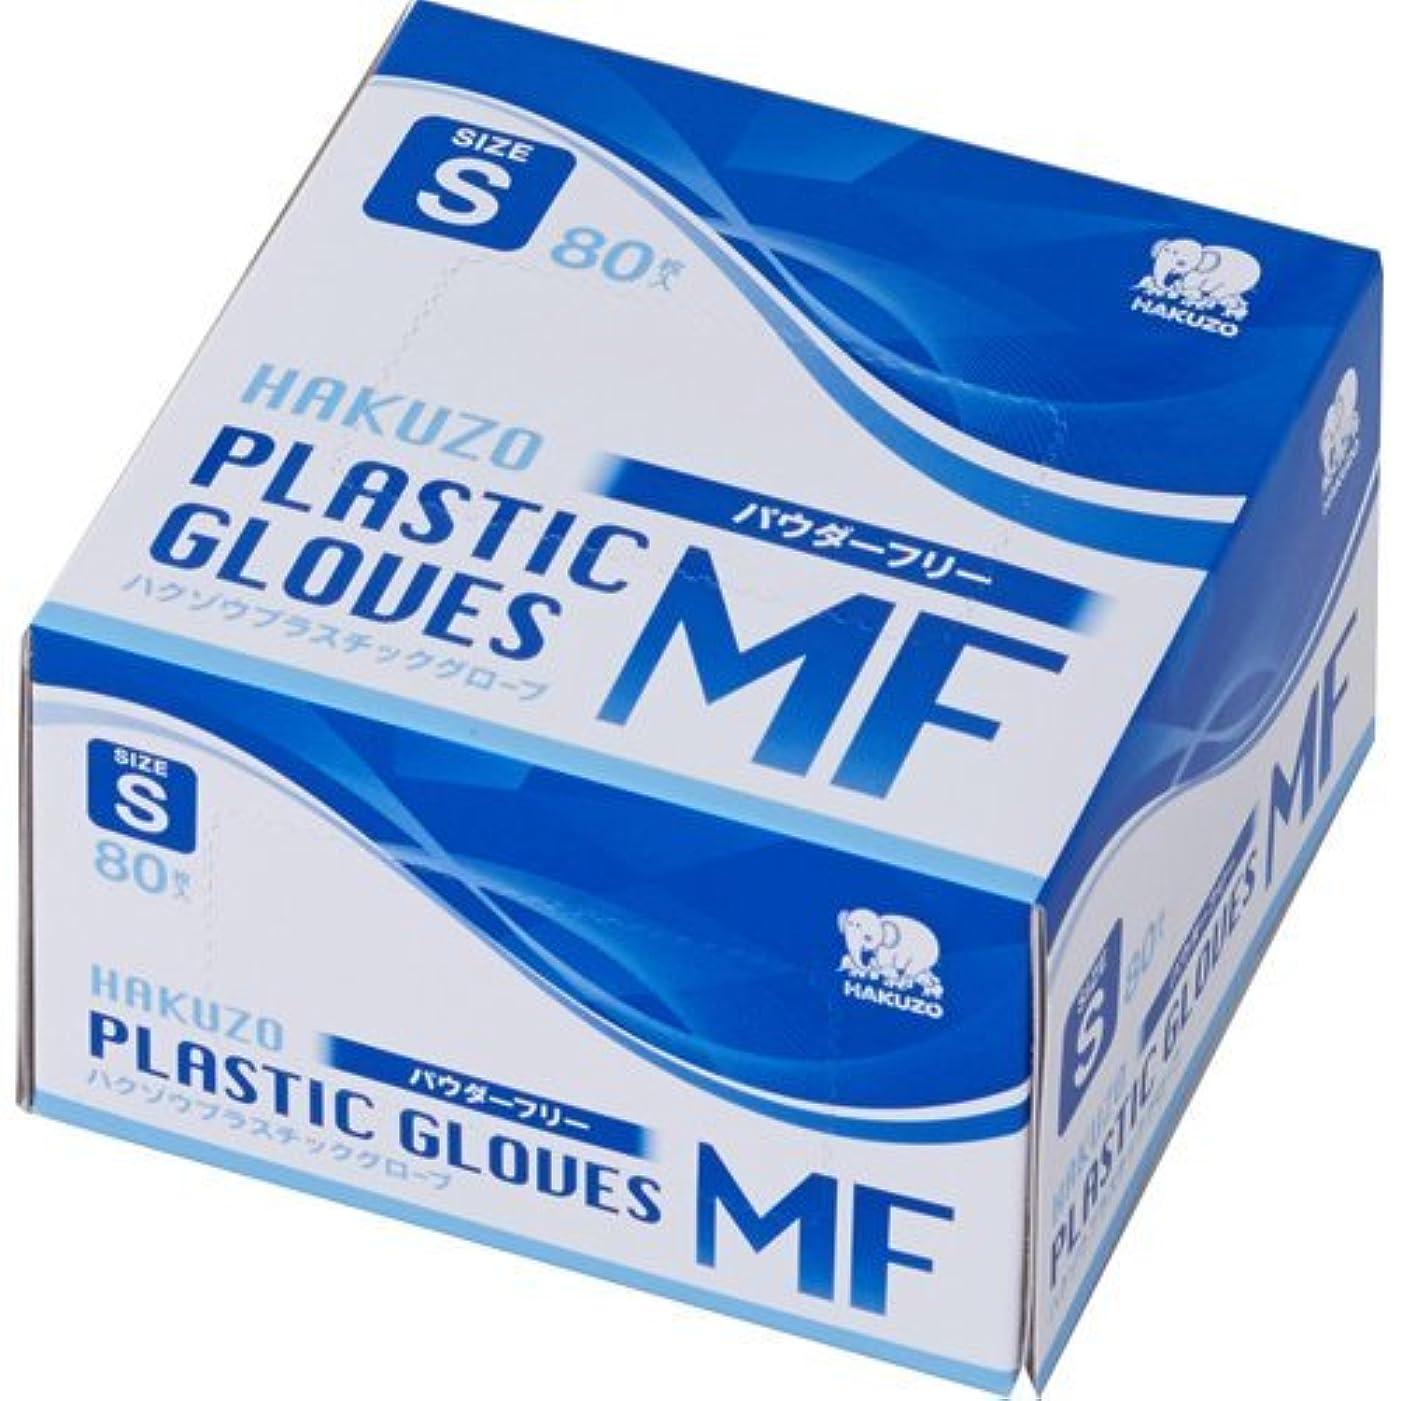 強制はさみ威するハクゾウメディカル ハクゾウ プラスチックグローブMF パウダーフリー Sサイズ 80枚入